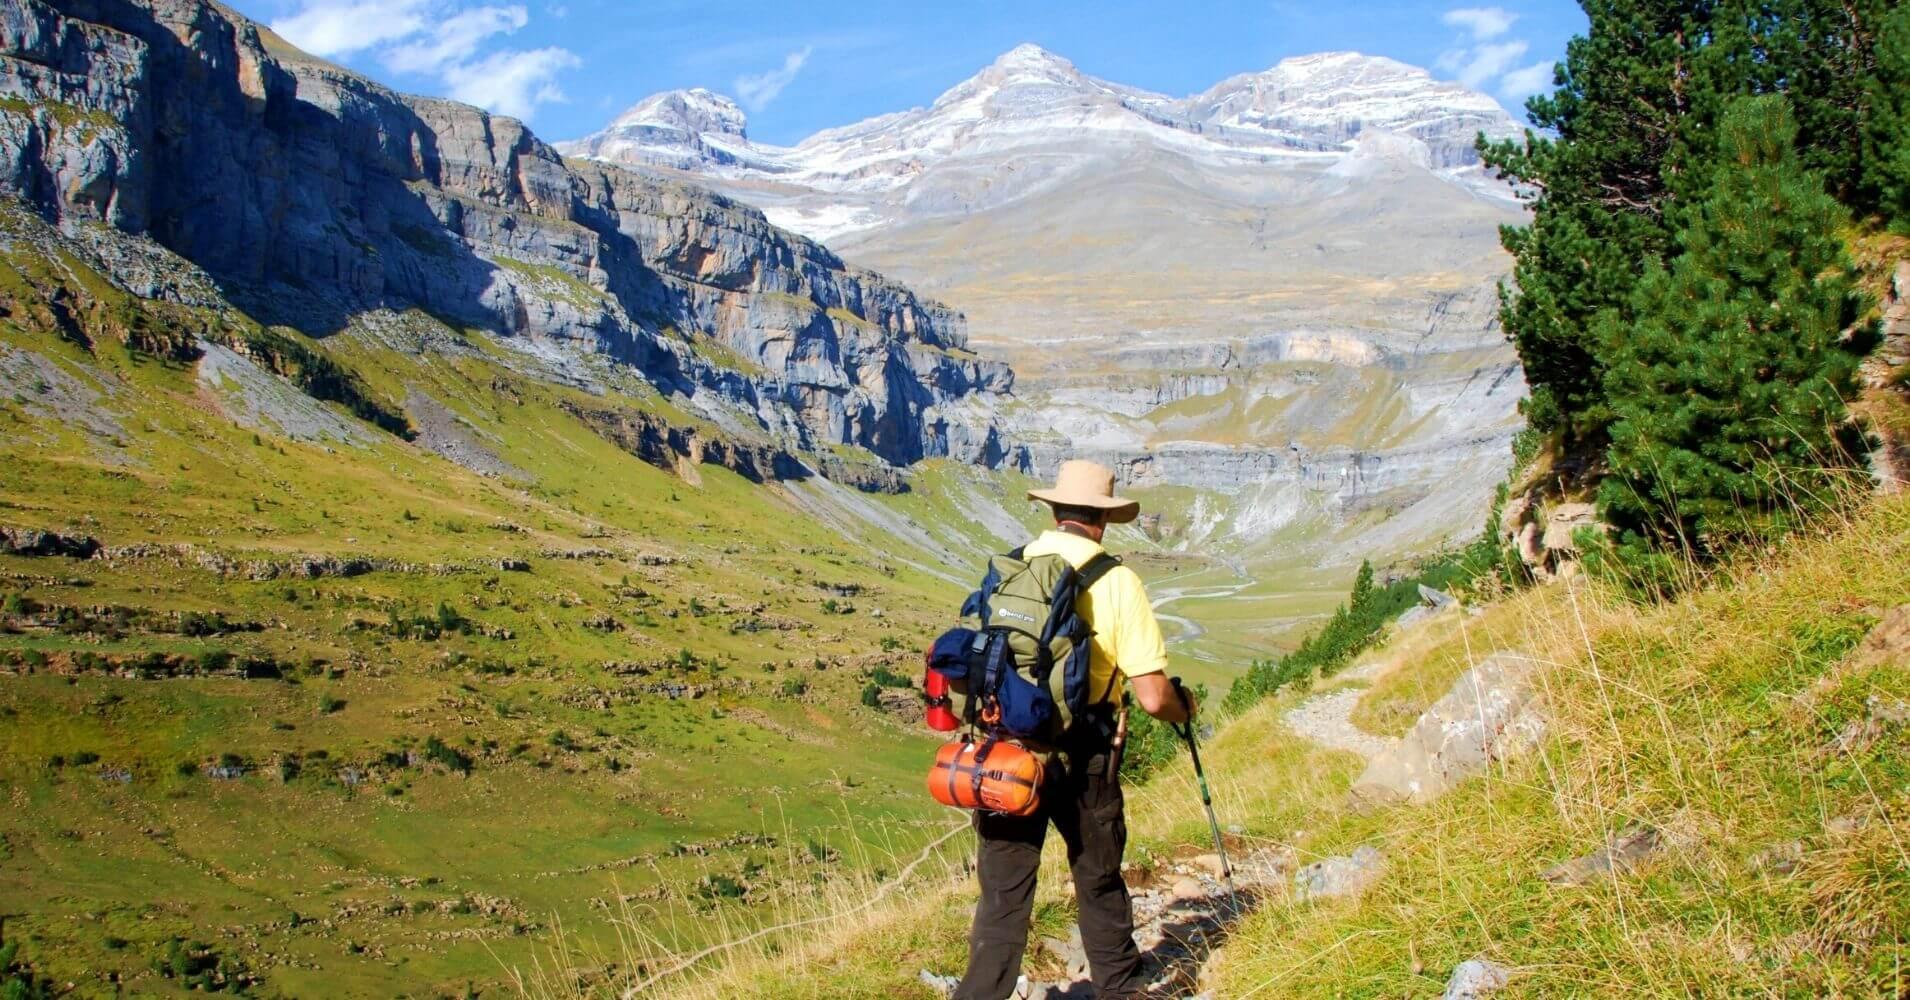 Parque Nacional de Ordesa y Monte Perdido. Huesca. Viajar a Aragón.